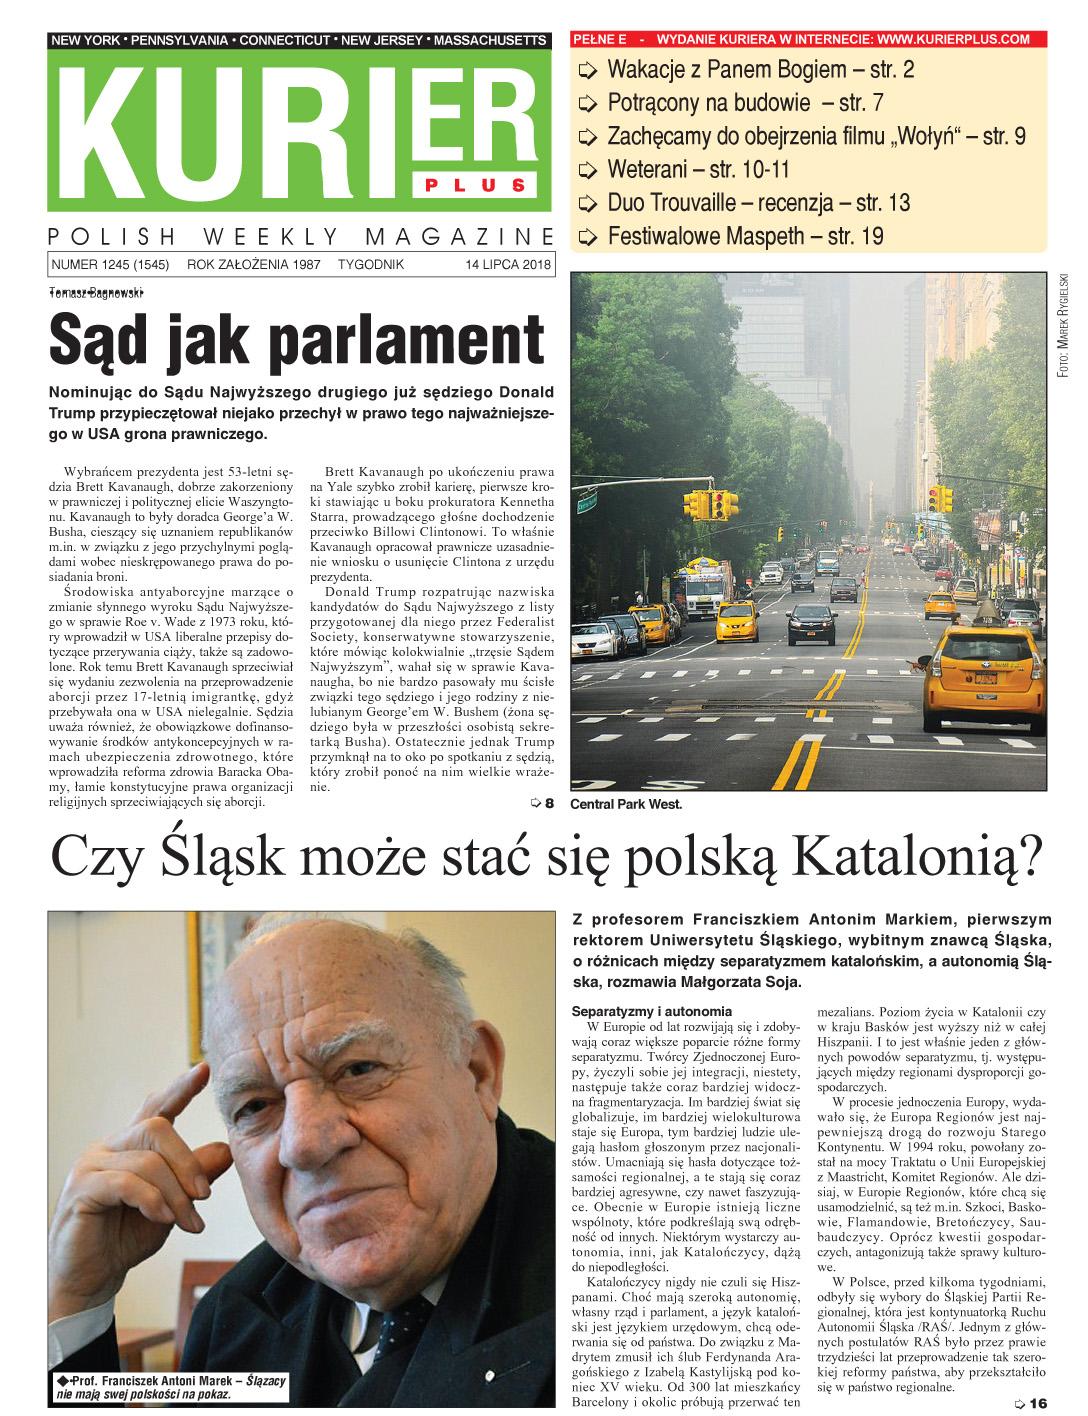 Kurier Plus - e-wydanie